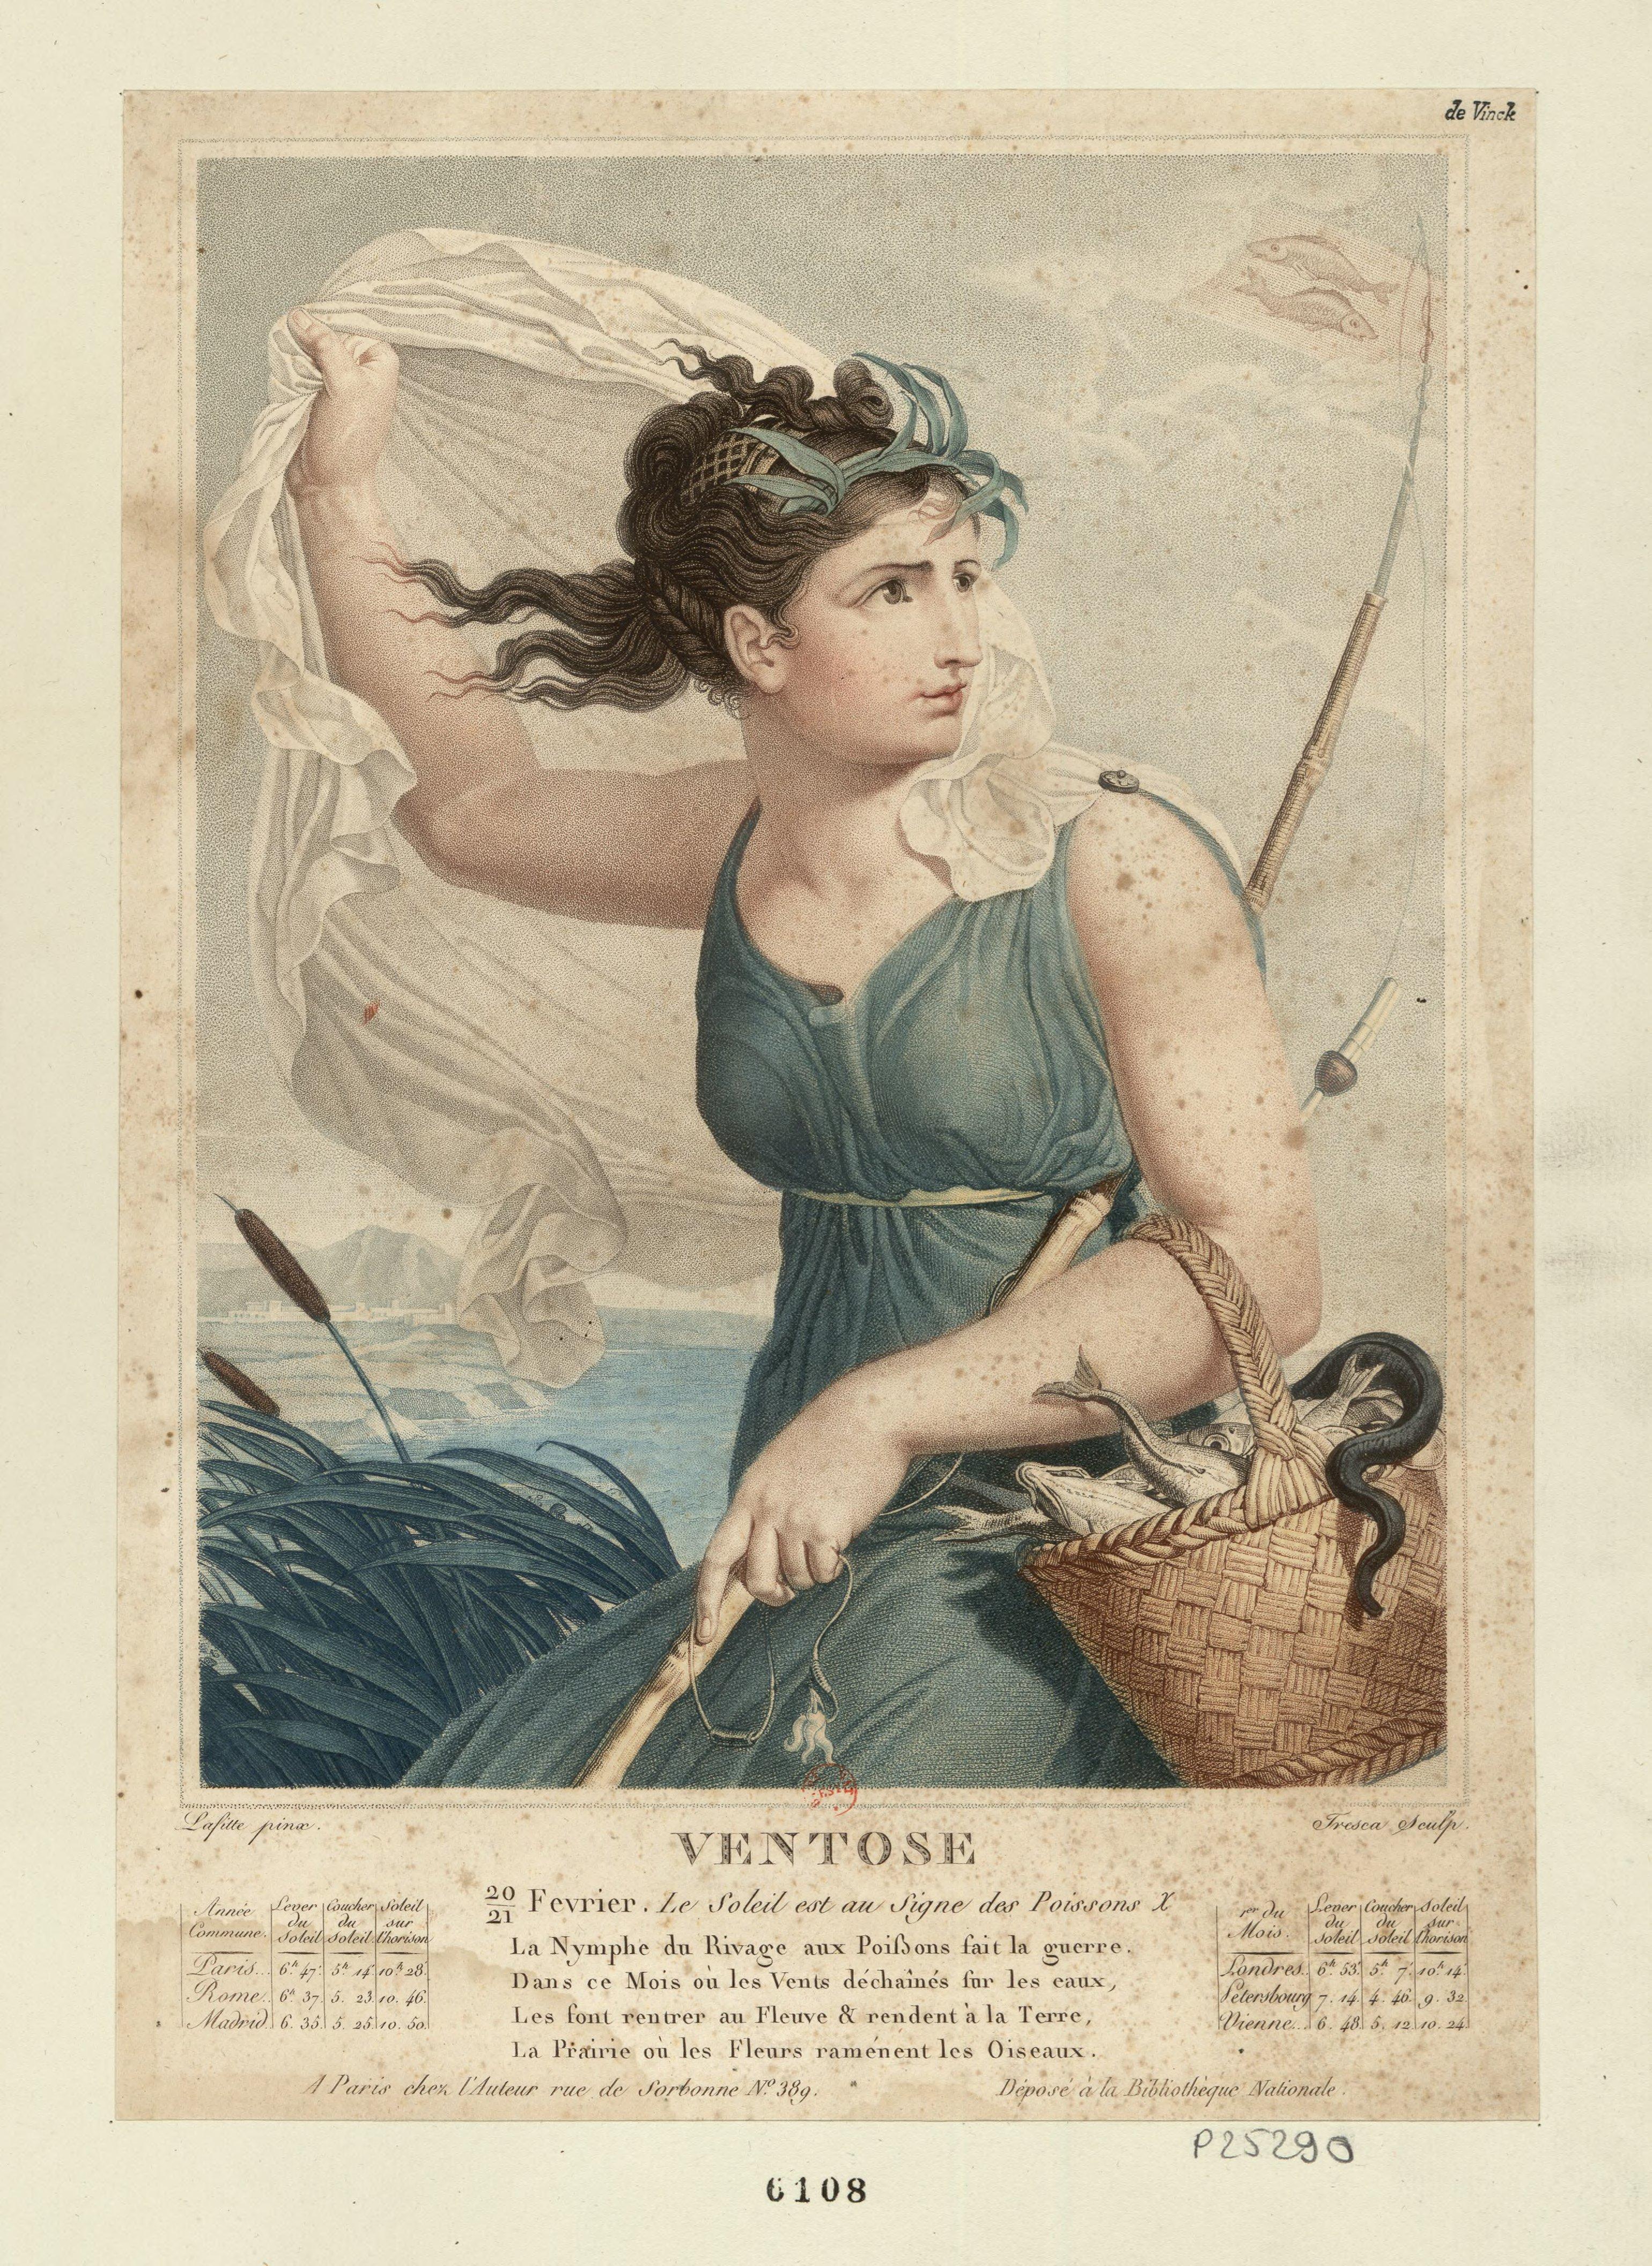 Le Calendrier Revolutionnaire.Ventose Wikipedia